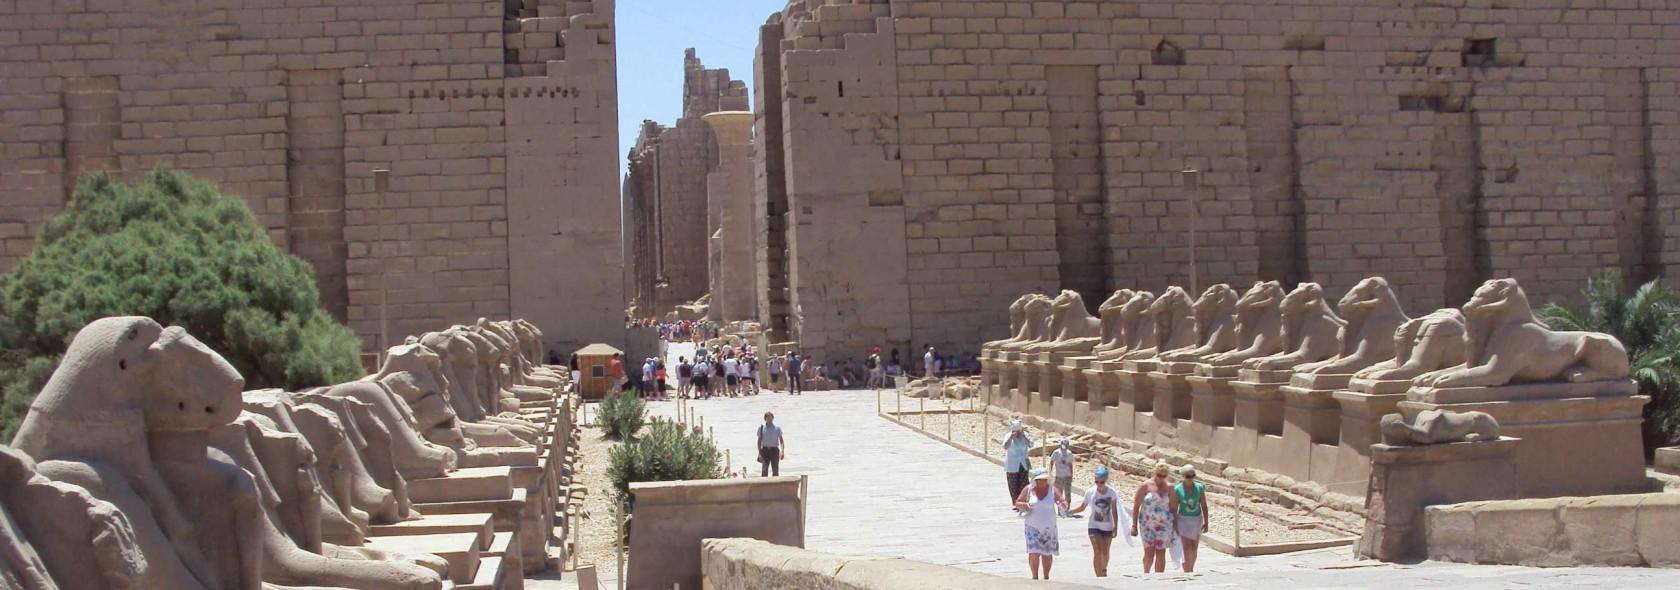 La Terra dei Faraoni 16-23 sett. 2017